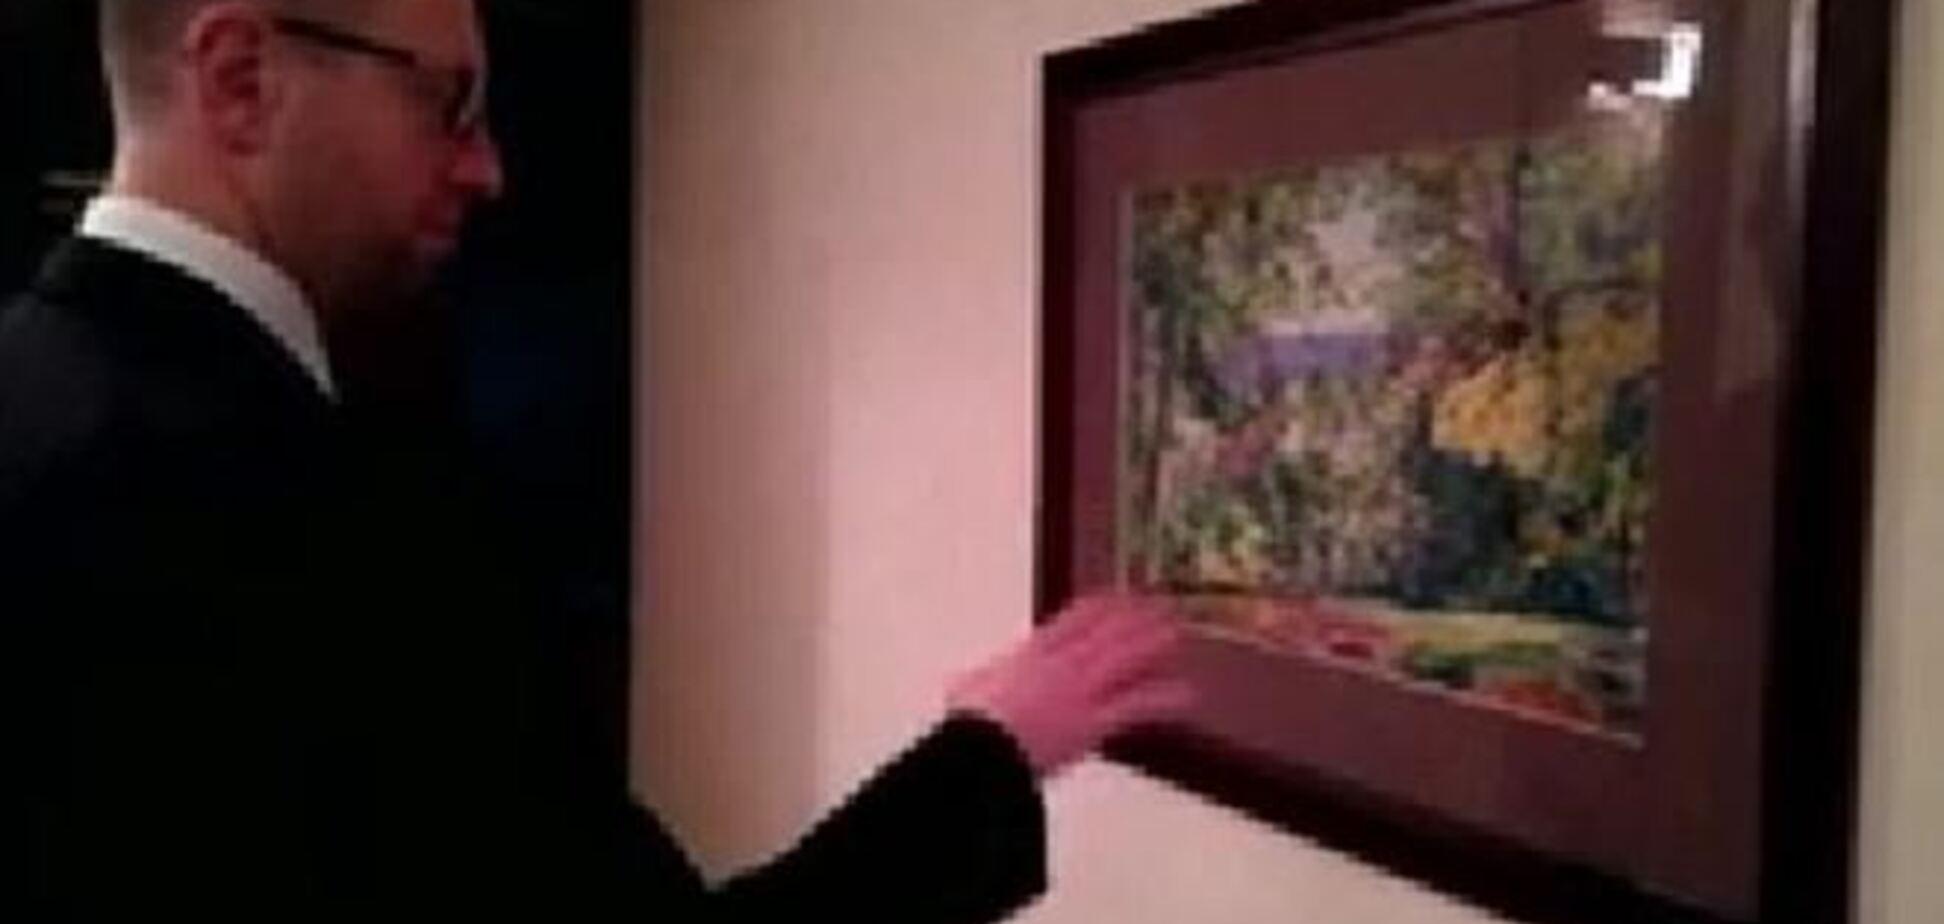 Яценюк провів екскурсію по своїй квартирі в Києві